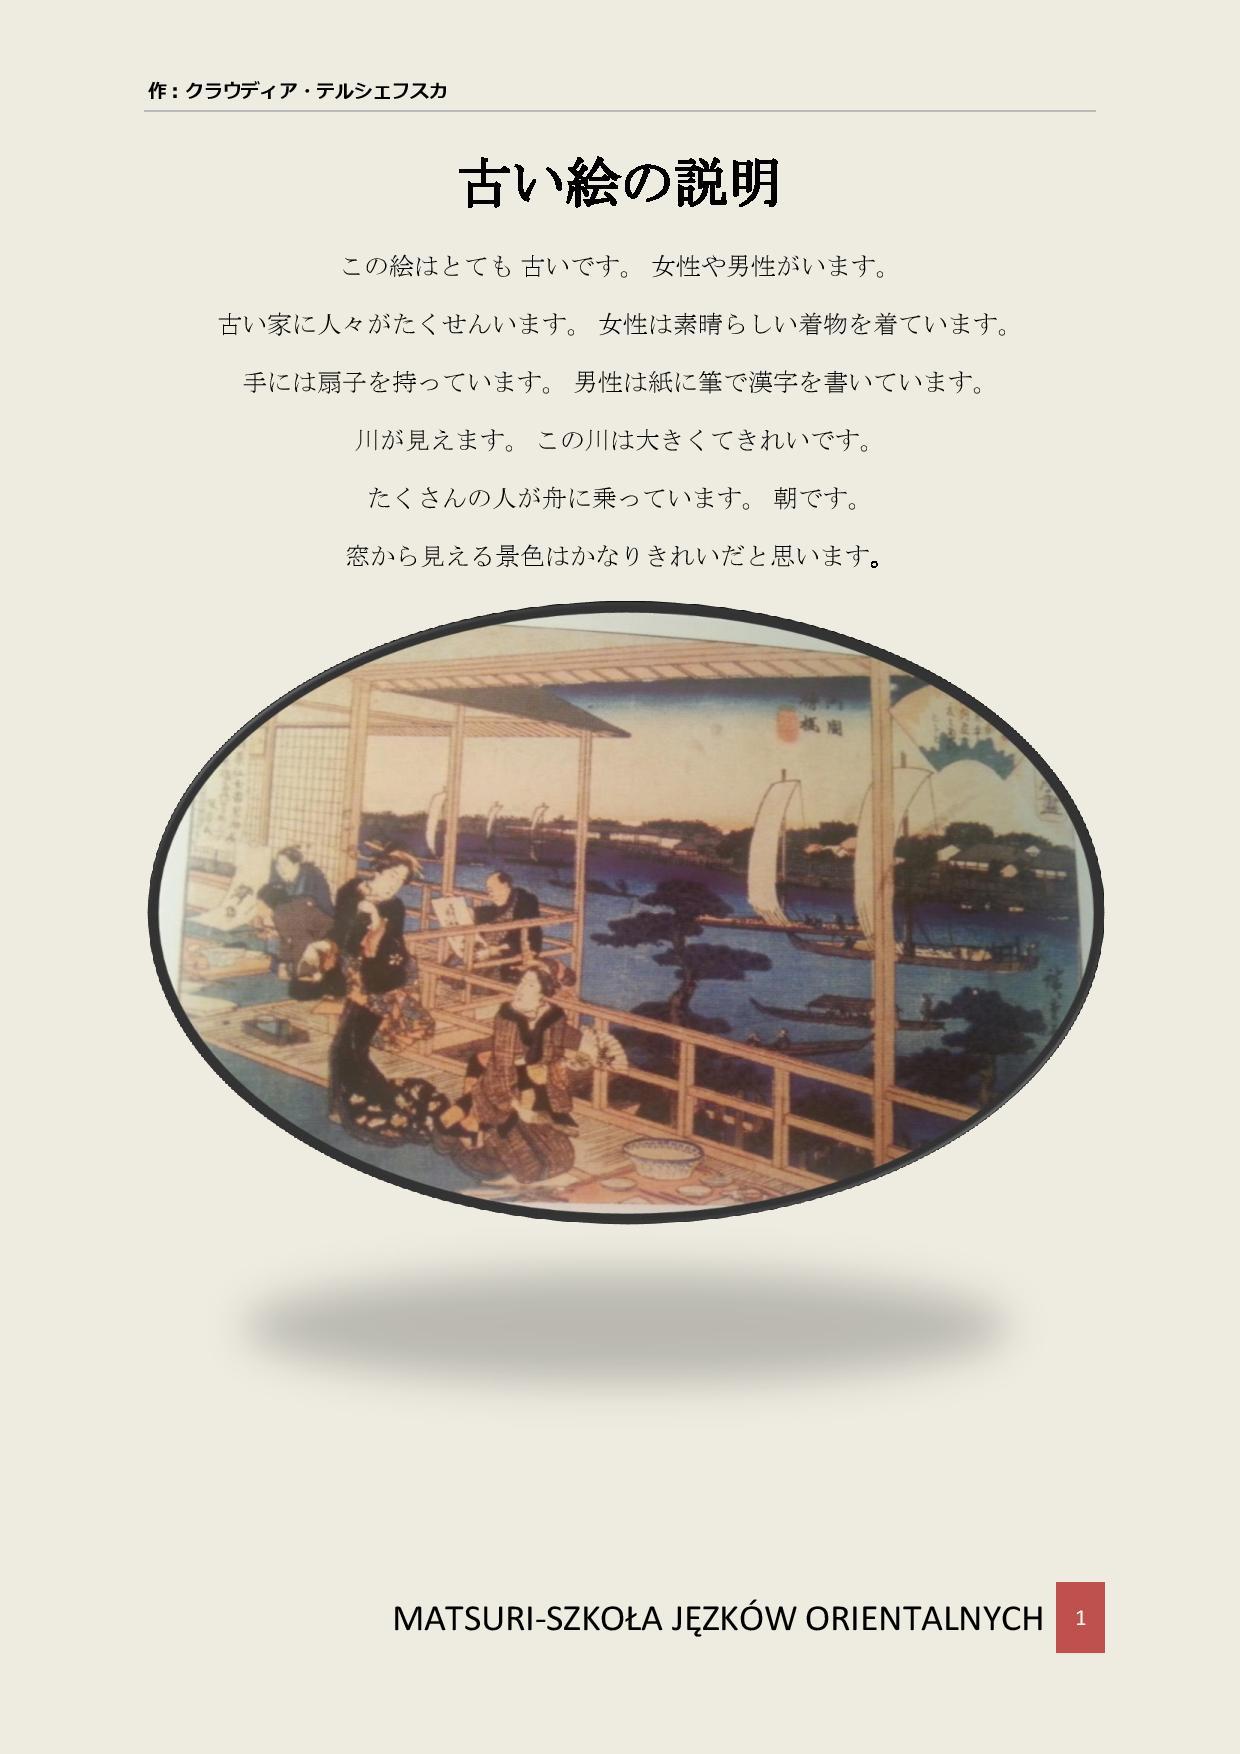 古い絵の説明-page-001